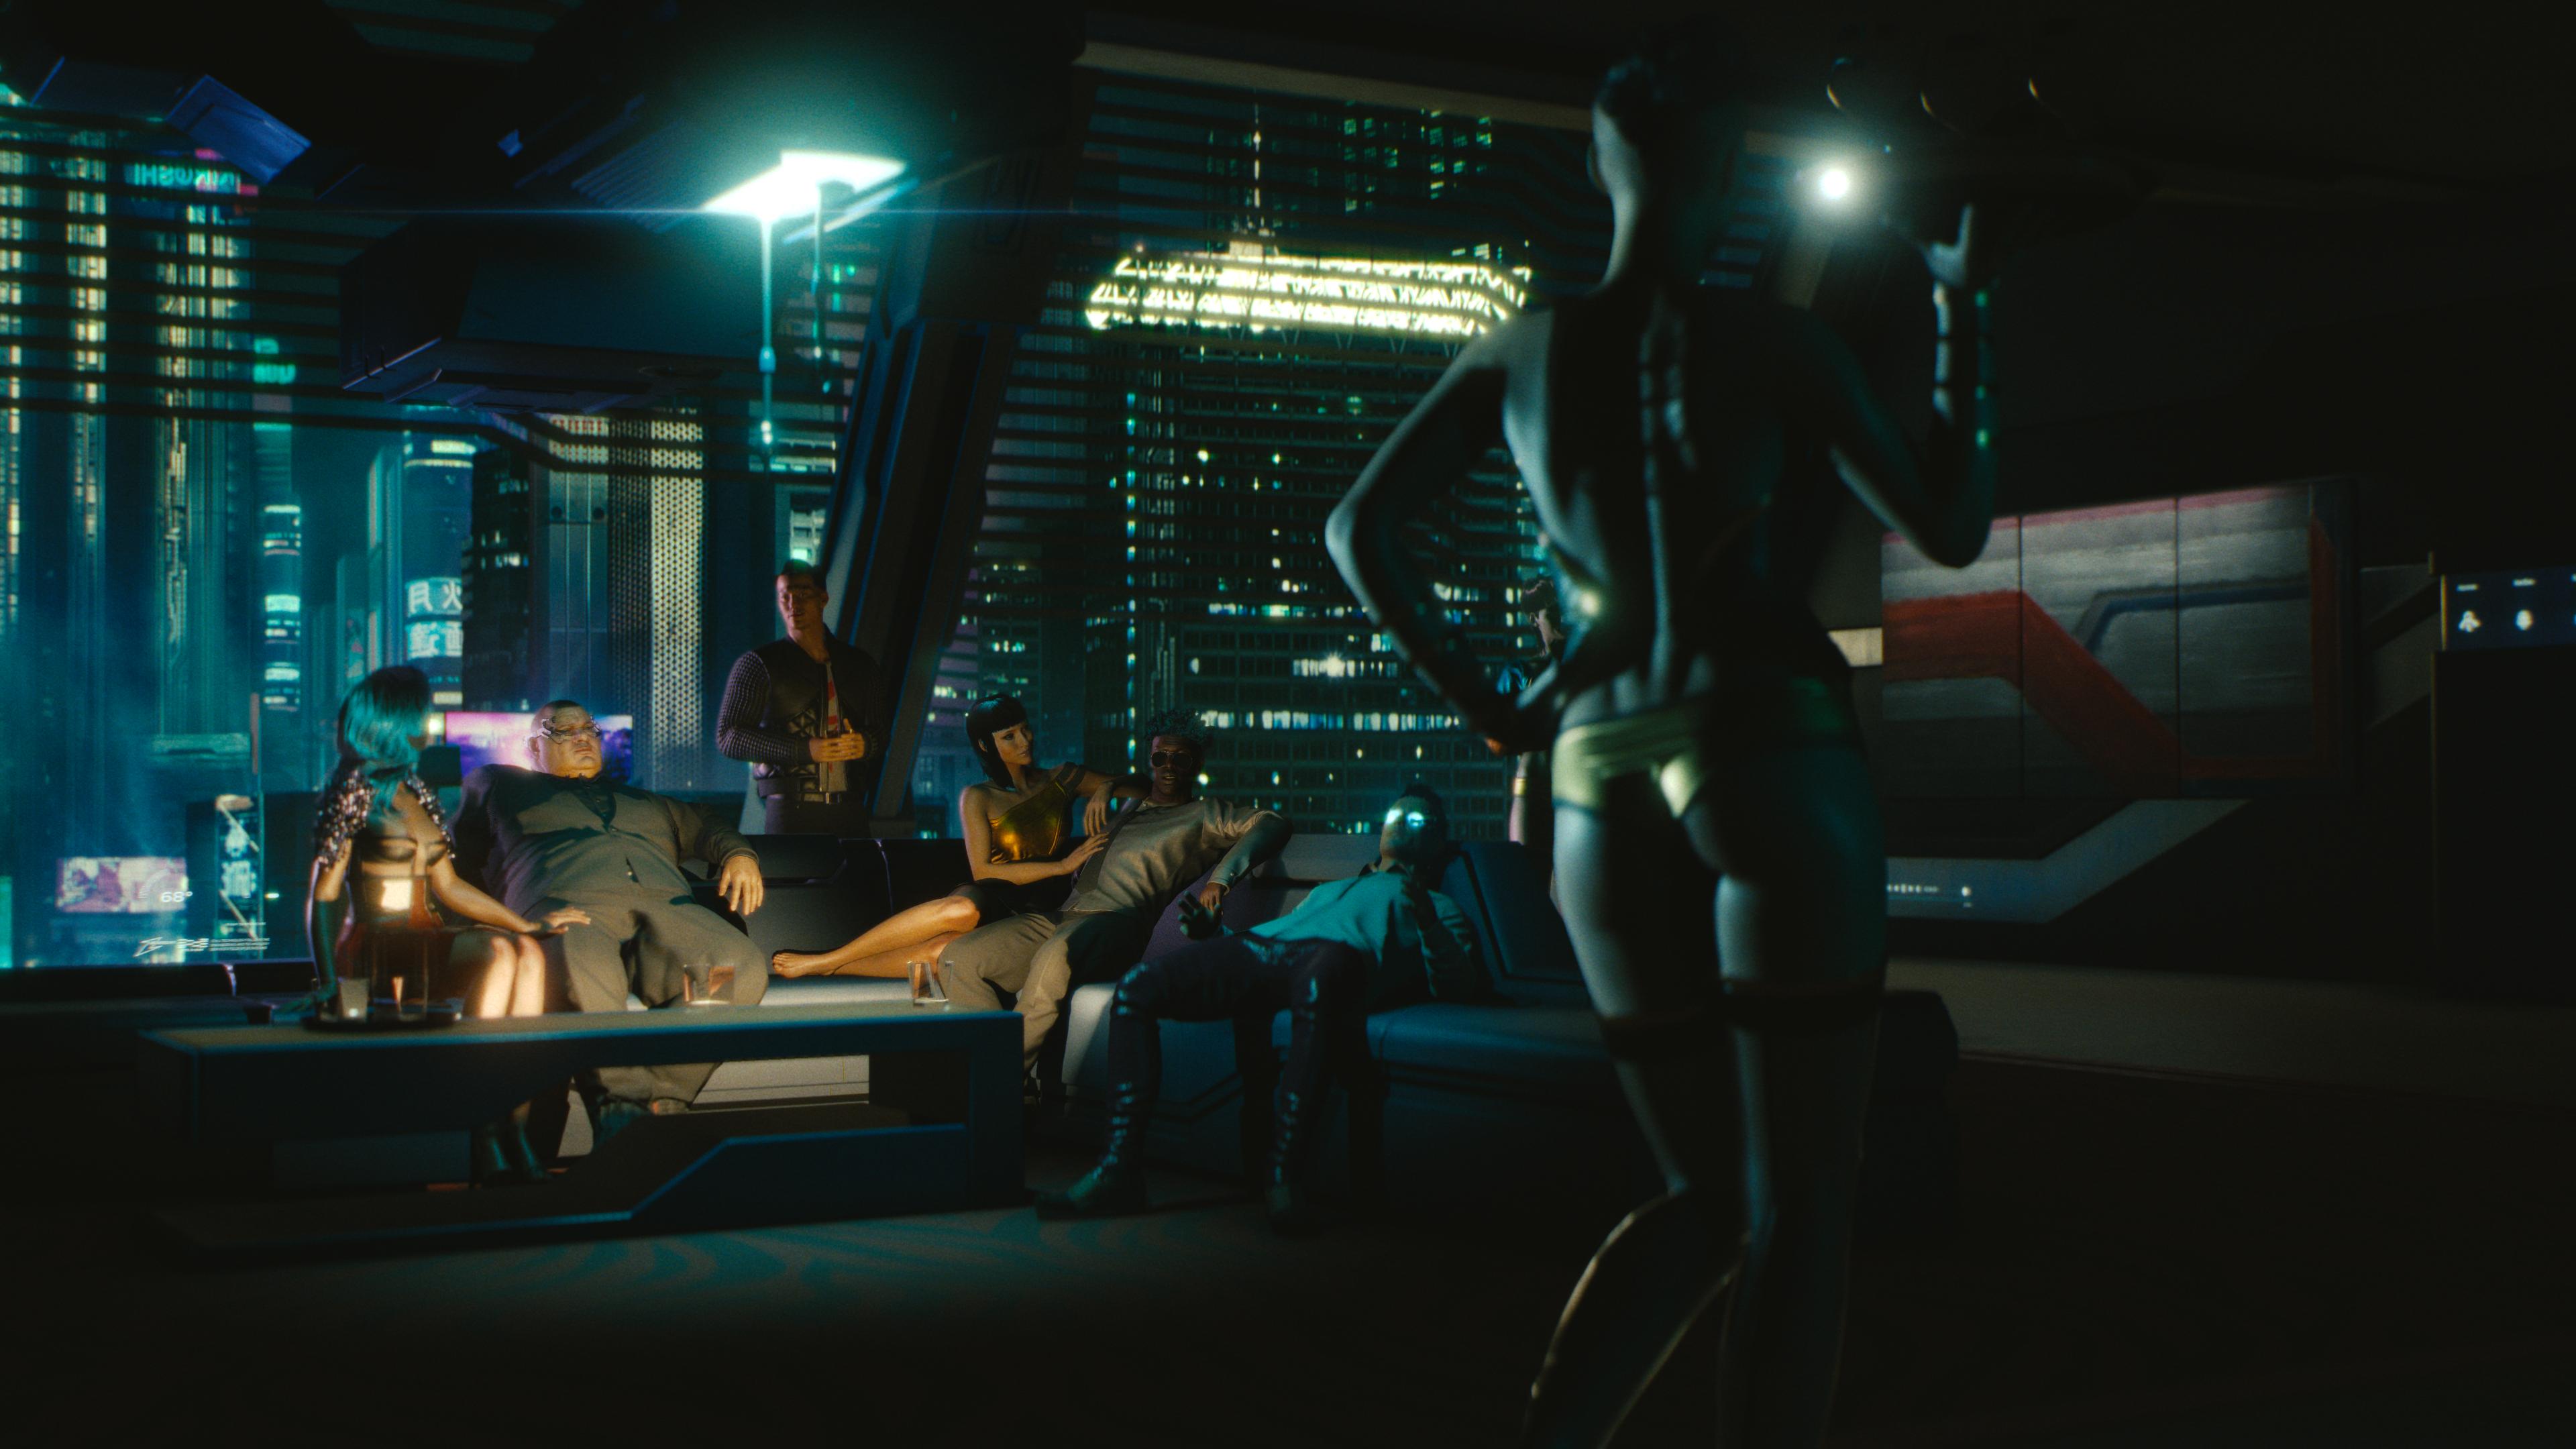 Cyberpunk2077_The_life_of_luxury_RGB